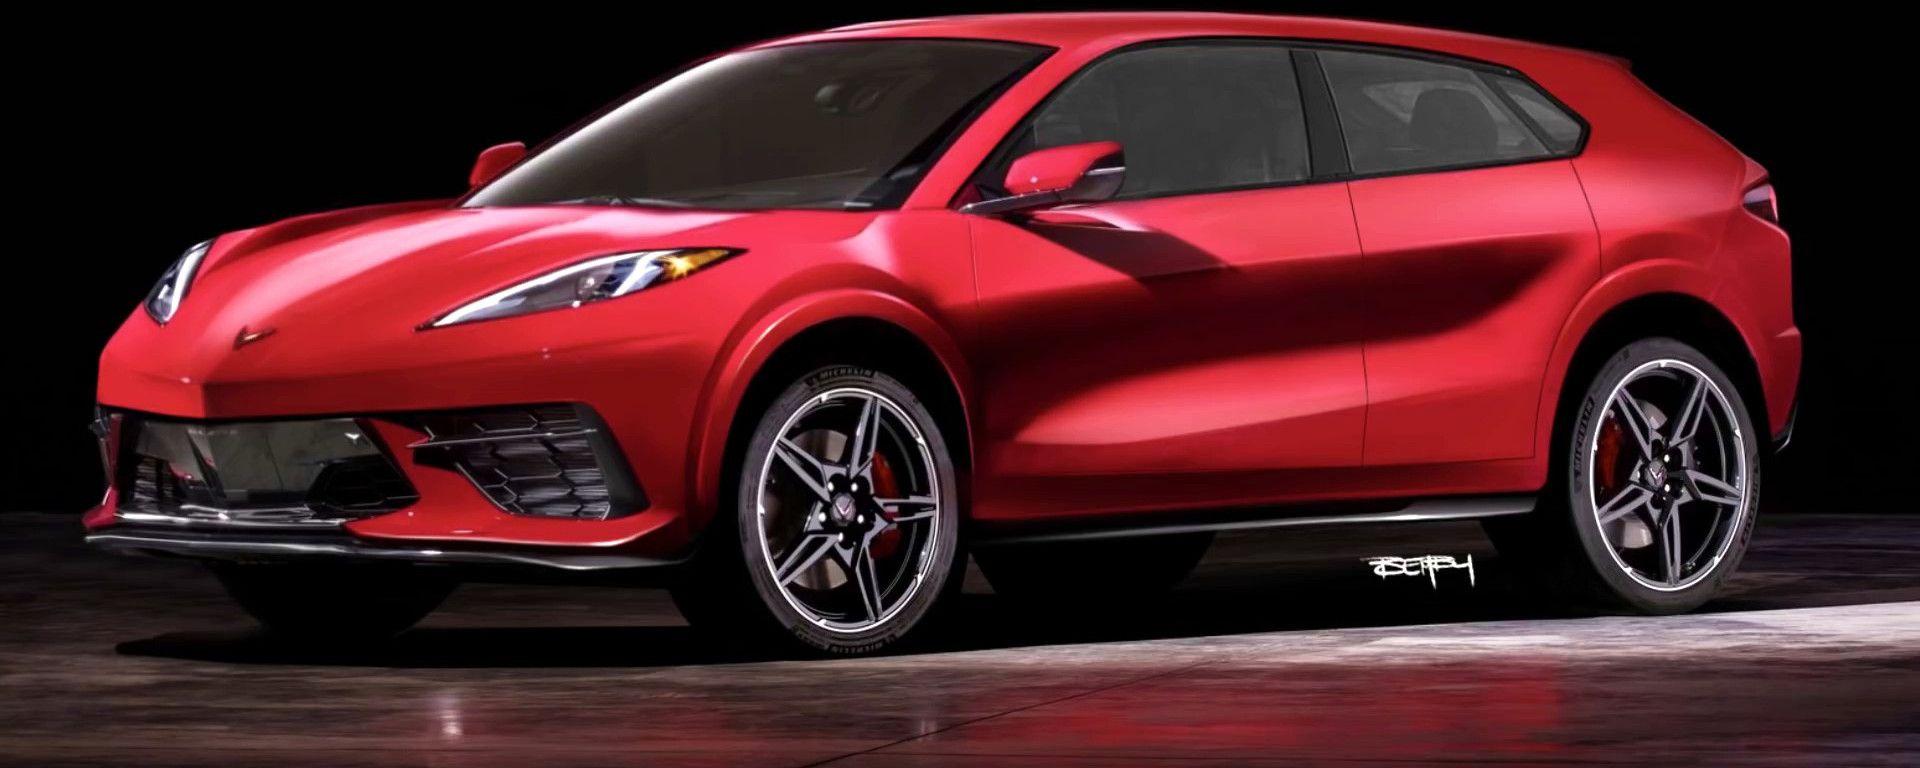 La Corvette SUV EV in un rendering di The Sketch Monkey